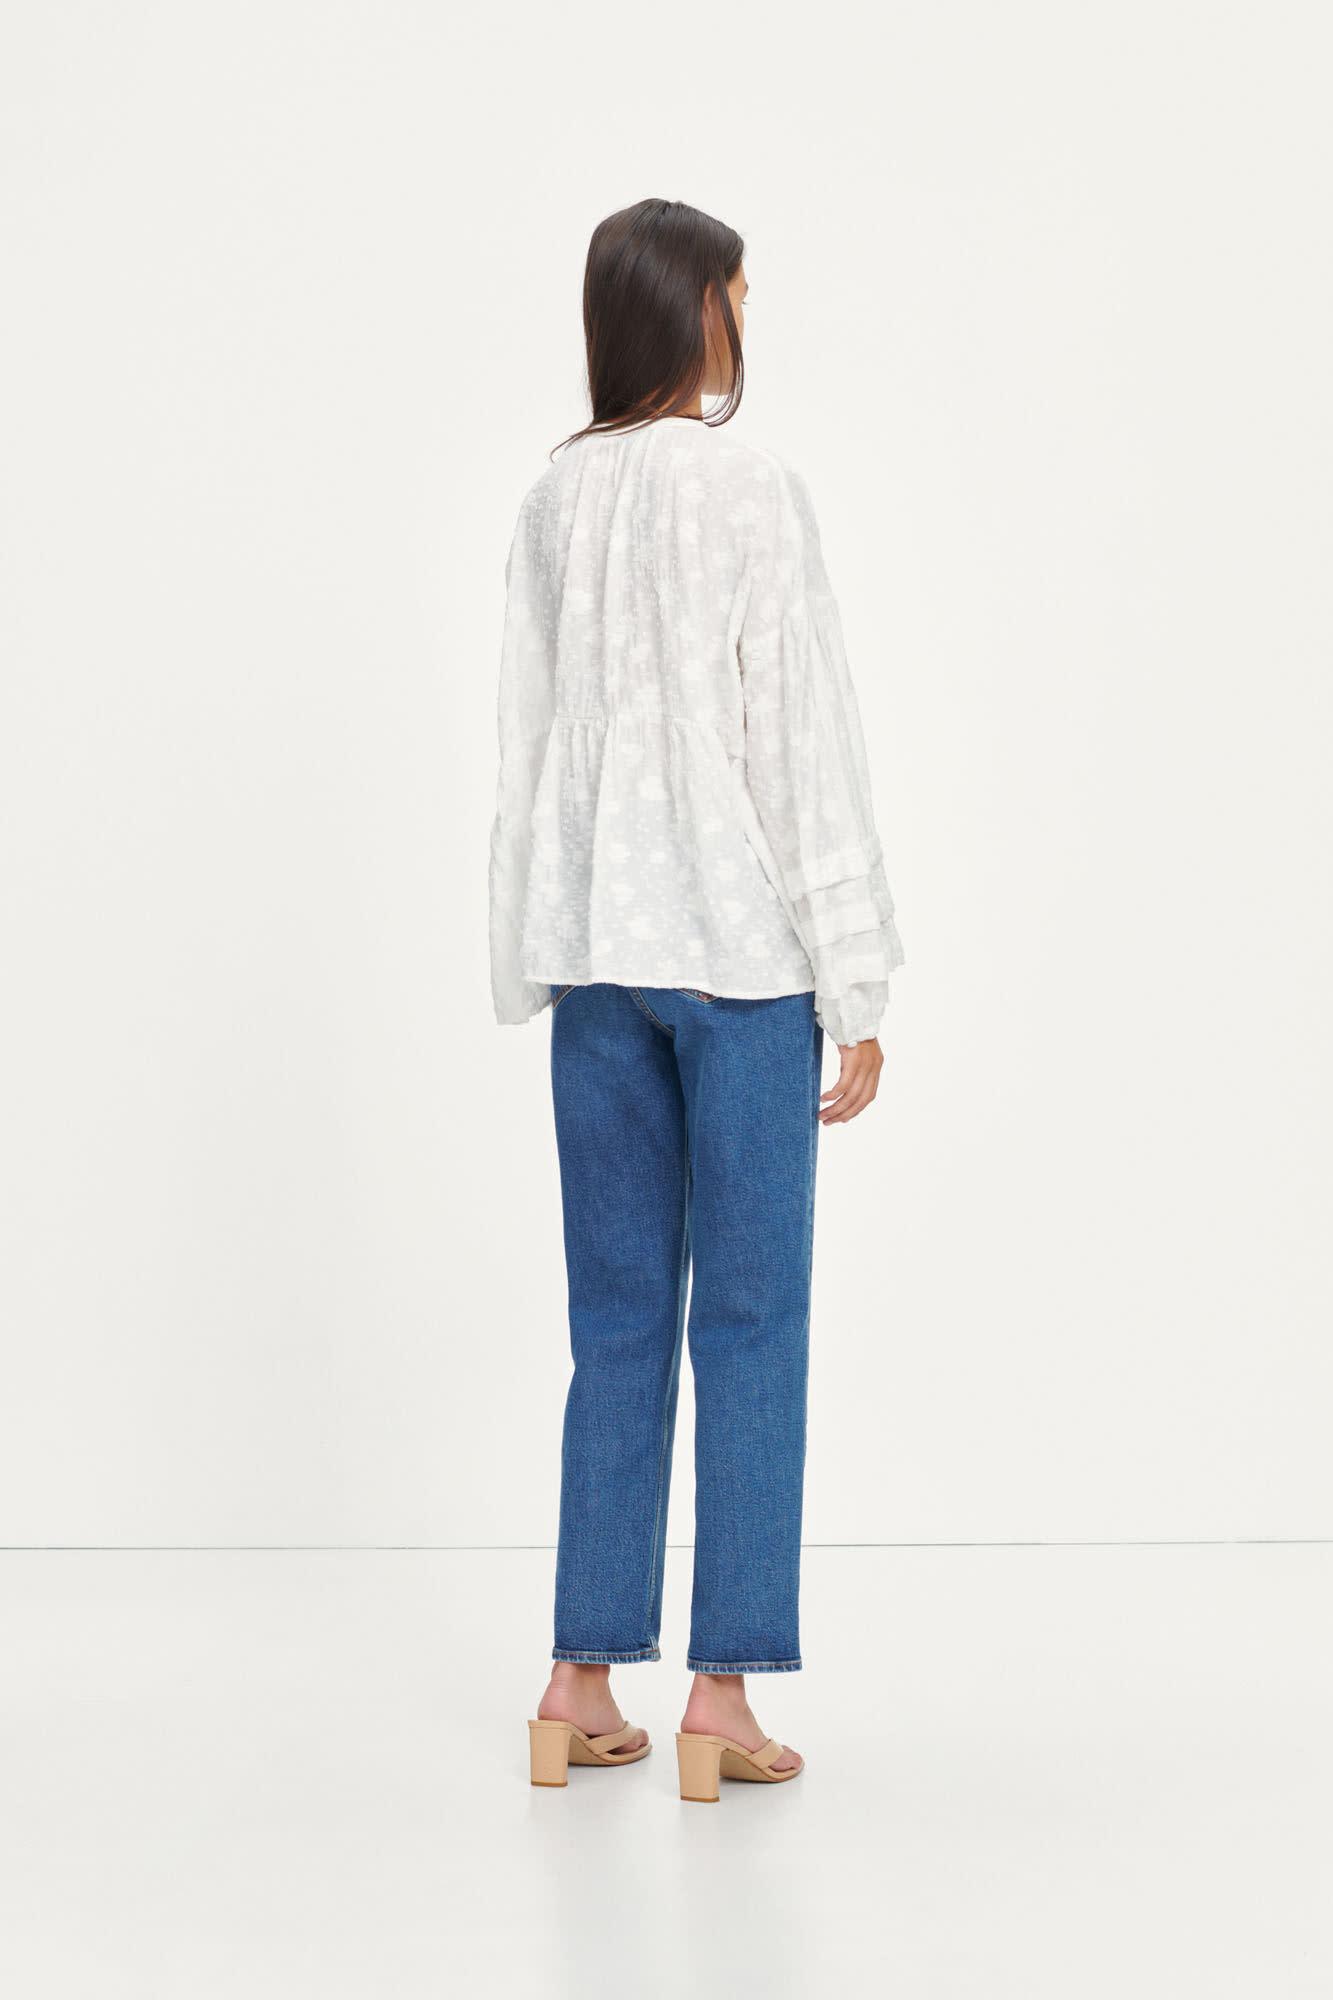 Roya Bohemian Cotton Blouse White-1